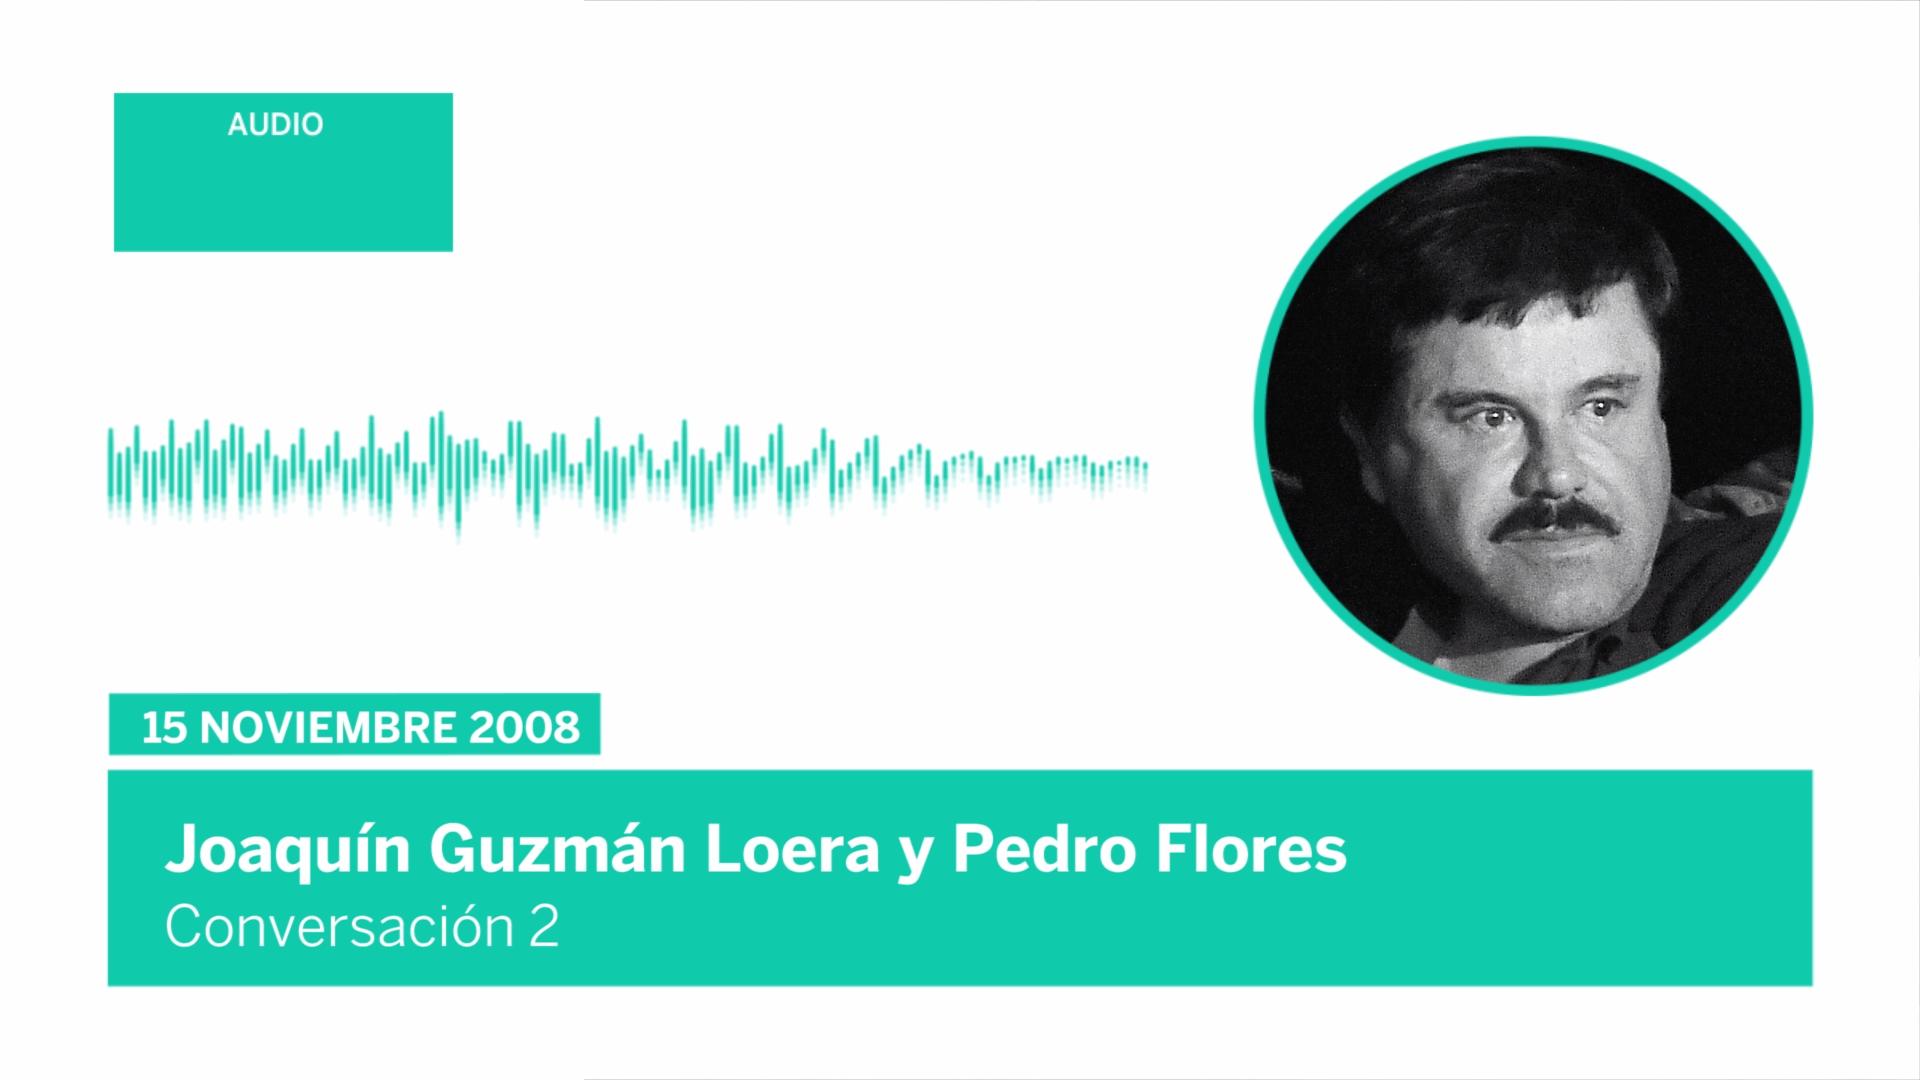 El Chapo se enfrenta a la prueba más dañina en su contra   Pedro Flores, su principal distribuidor en EE UU, grabó una conver 20181219204159_1545248881_still